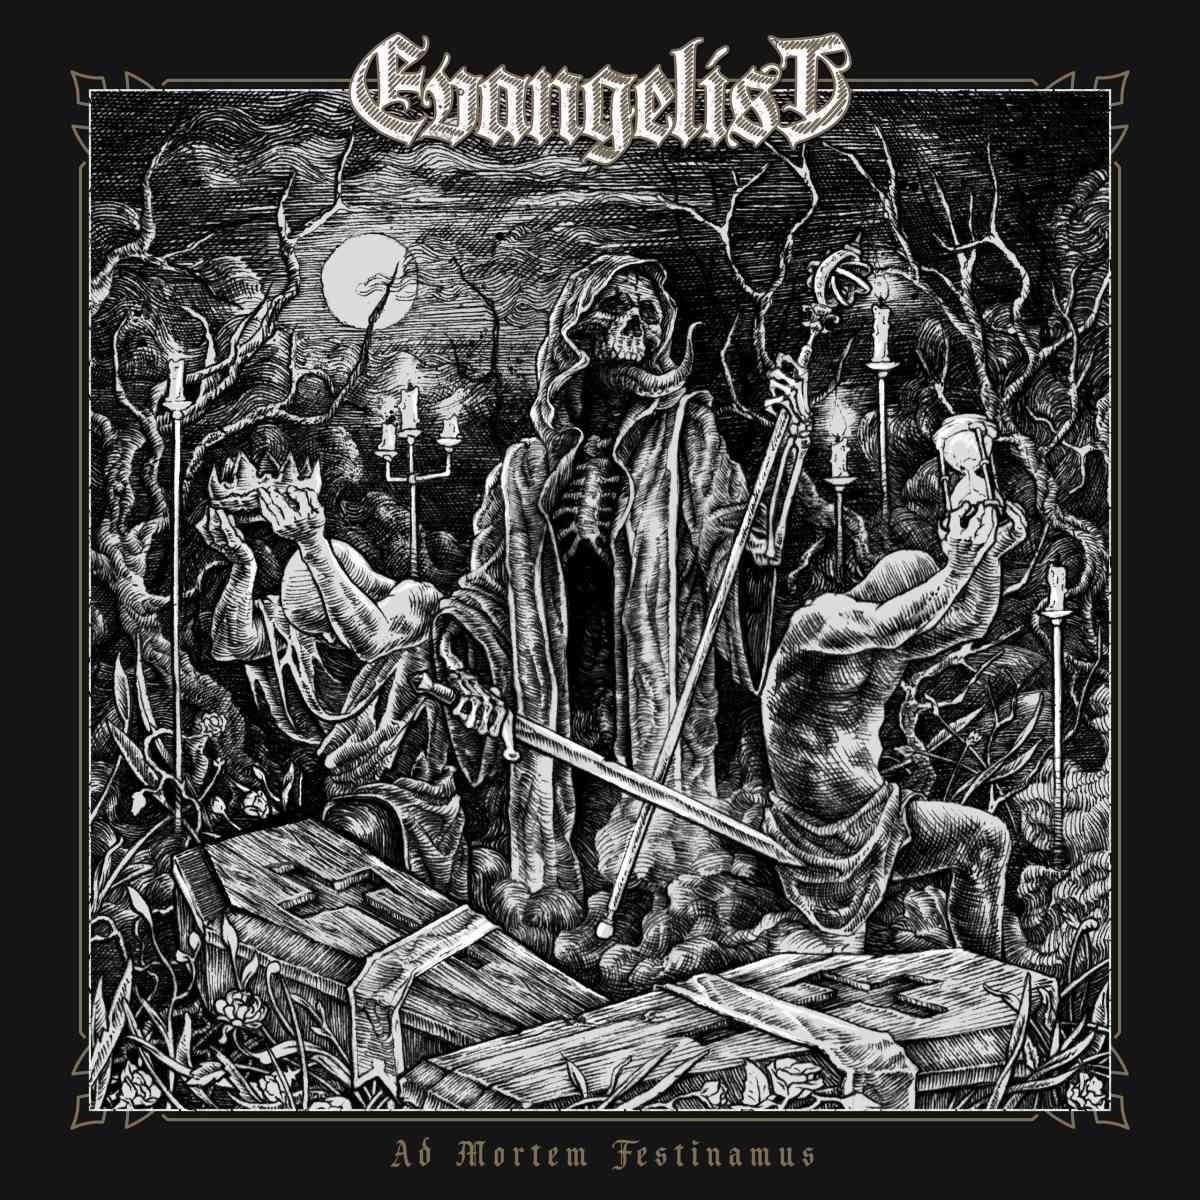 evangelist - Ad Mortem Festimanus - album cover